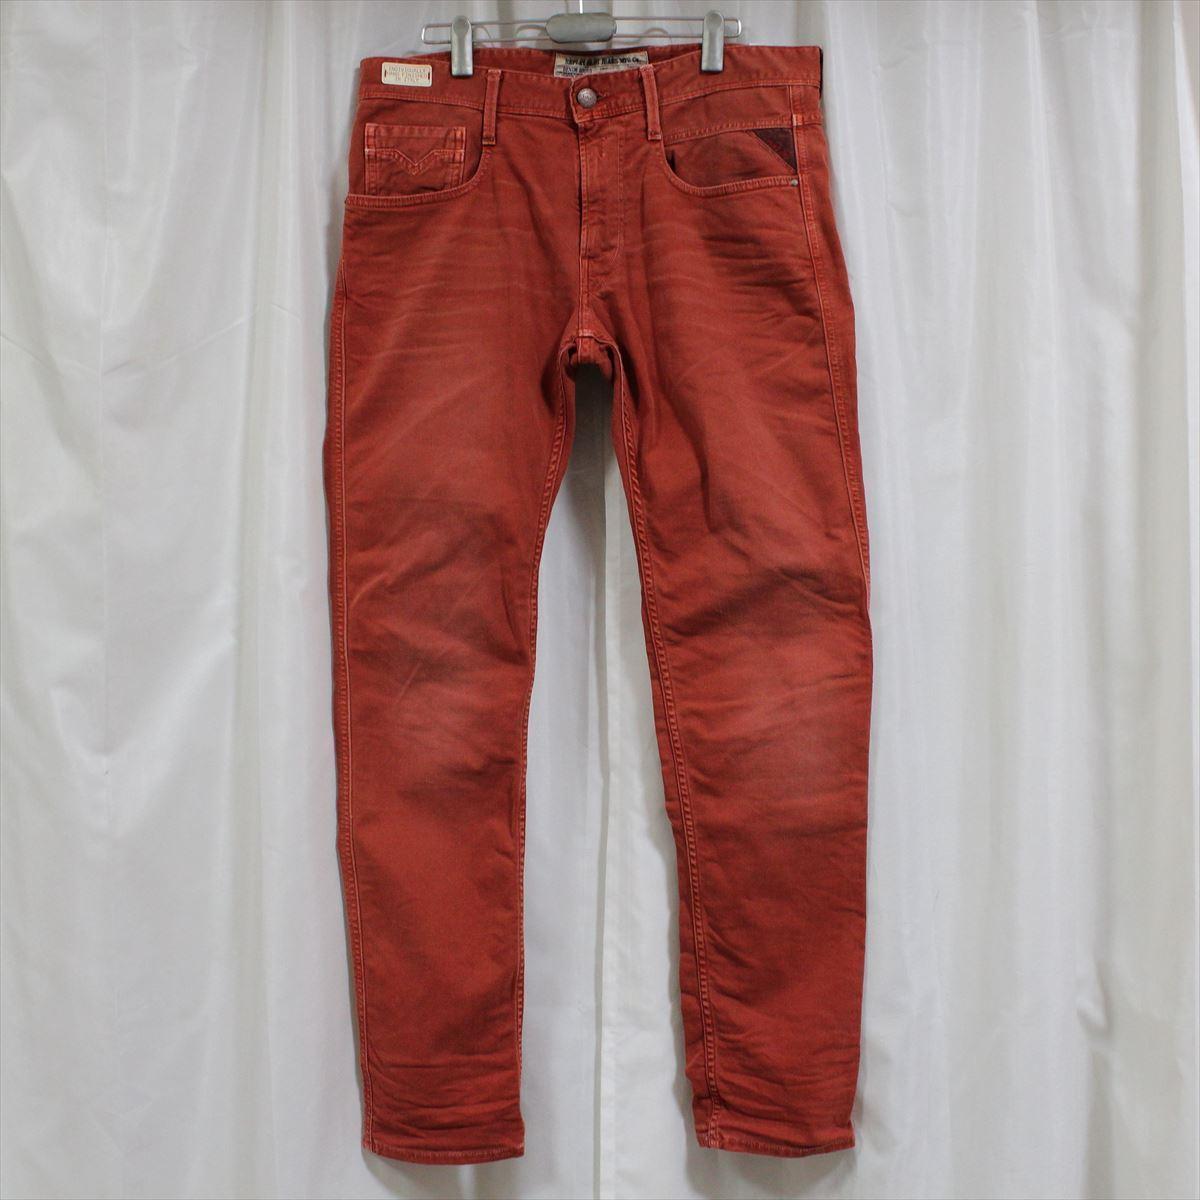 リプレイ REPLAY メンズカラーパンツ ジーンズ デニムパンツ SLIM レンガ色 33インチ 新品 REPLAY BLUE JEANS anbass slim jeans_画像1